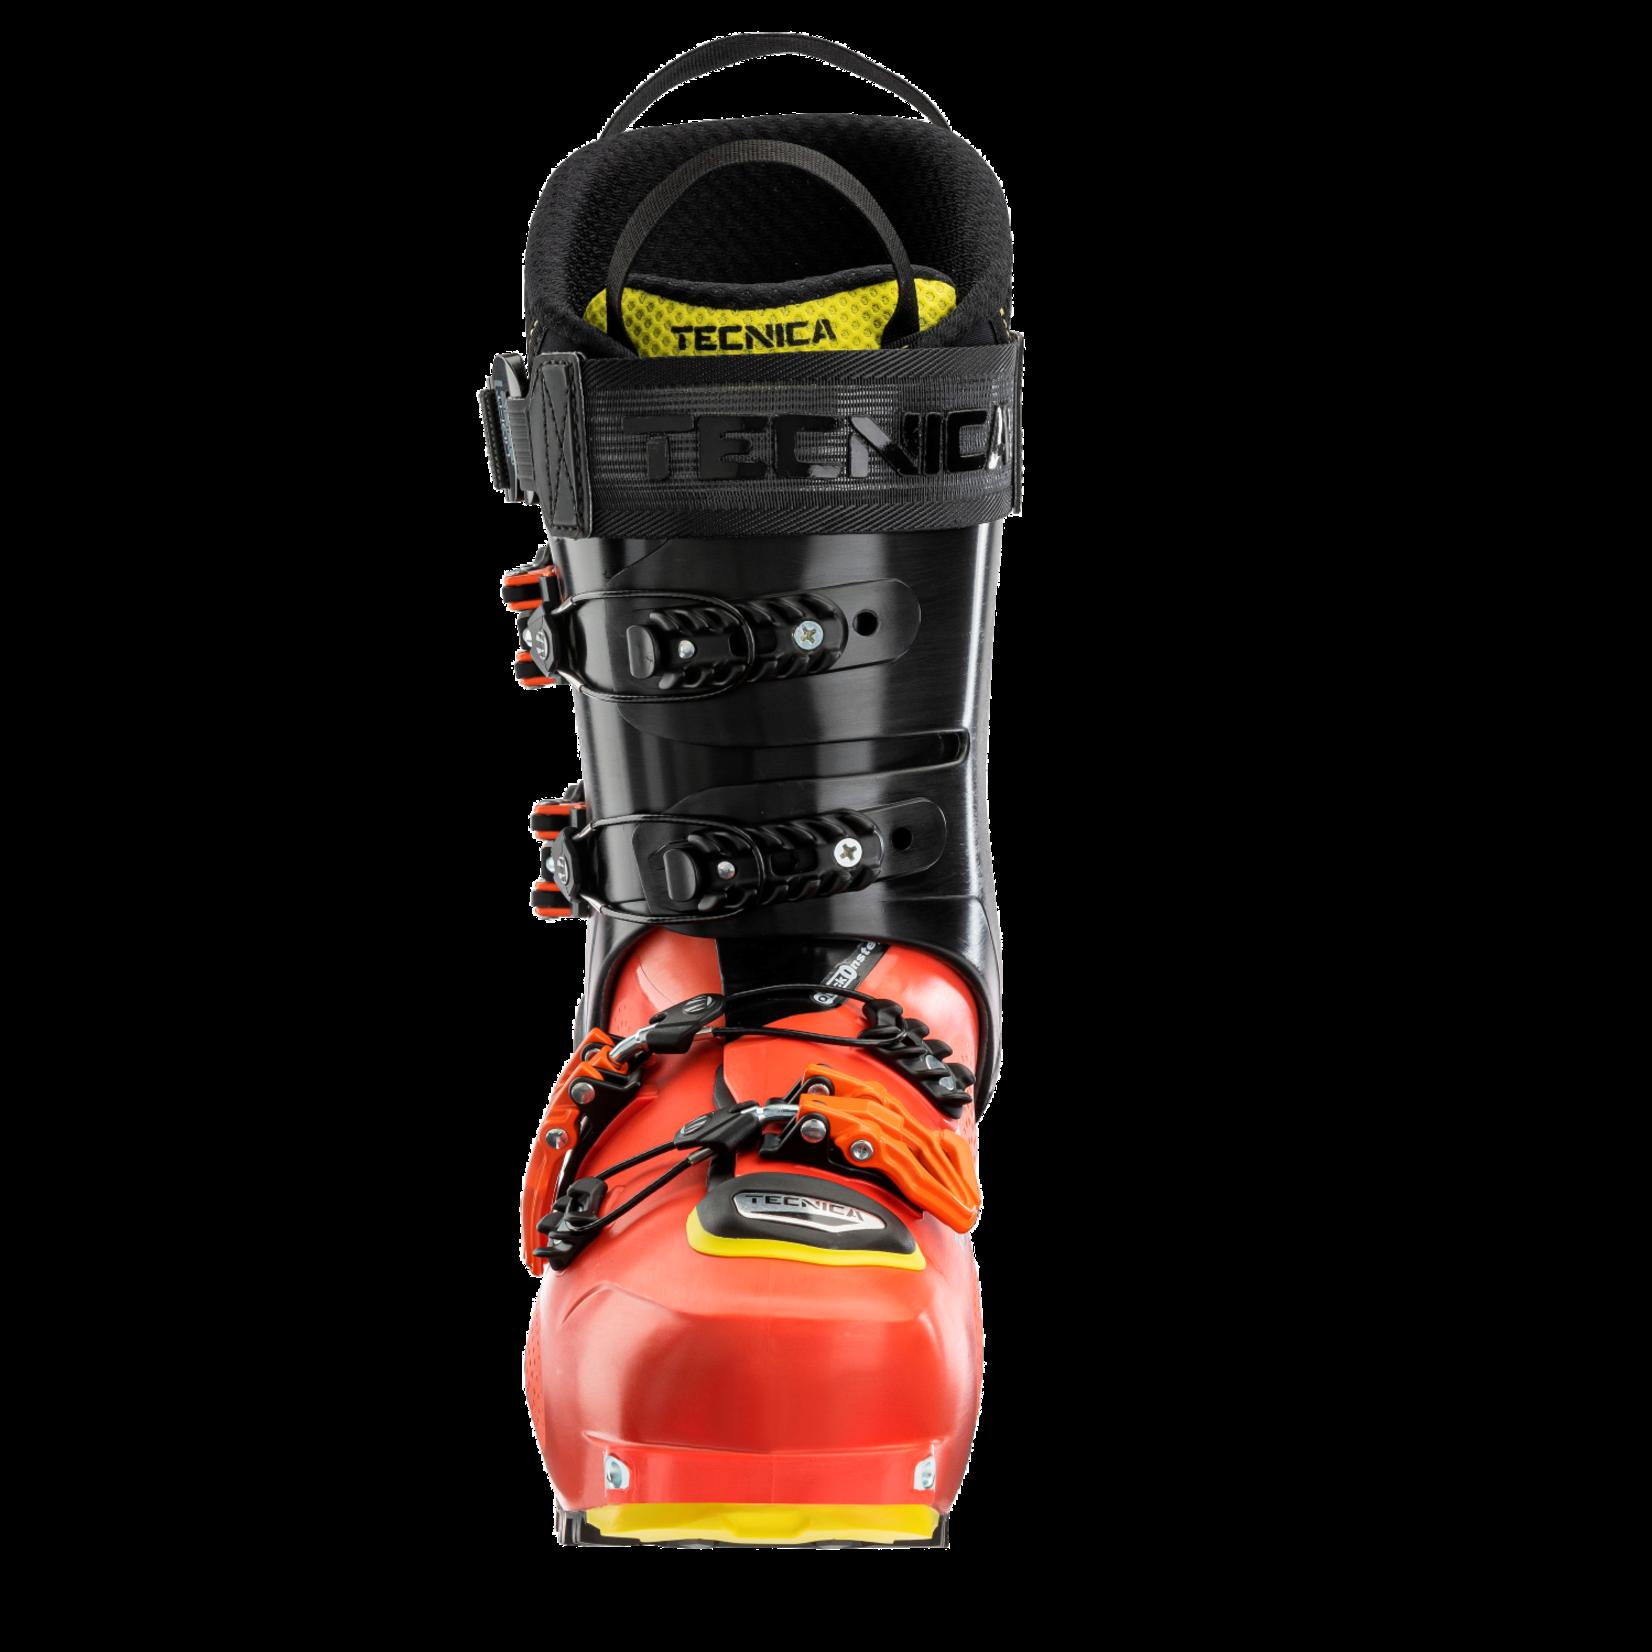 Tecnica Botte de ski Tecnica Zero G Tour Pro - Homme